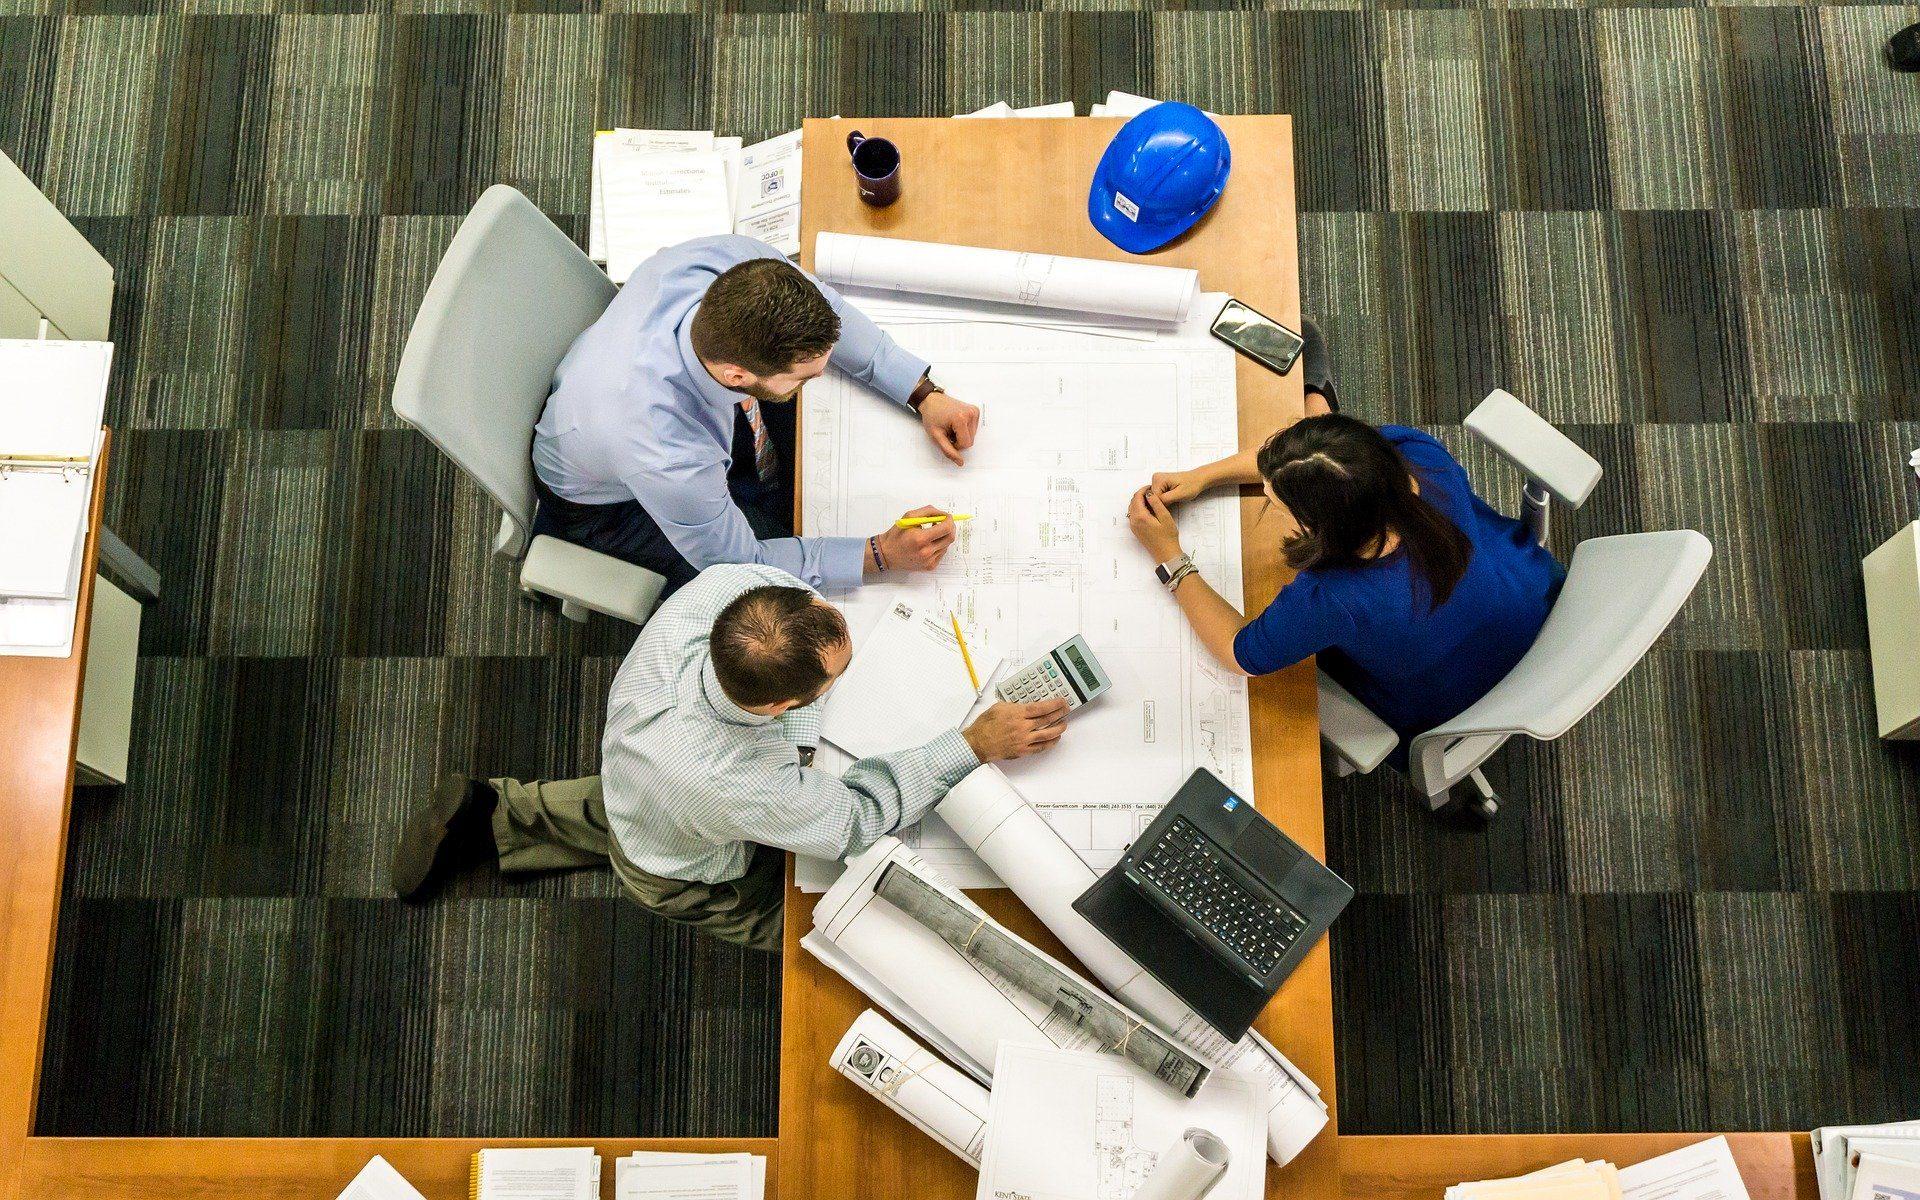 management topics